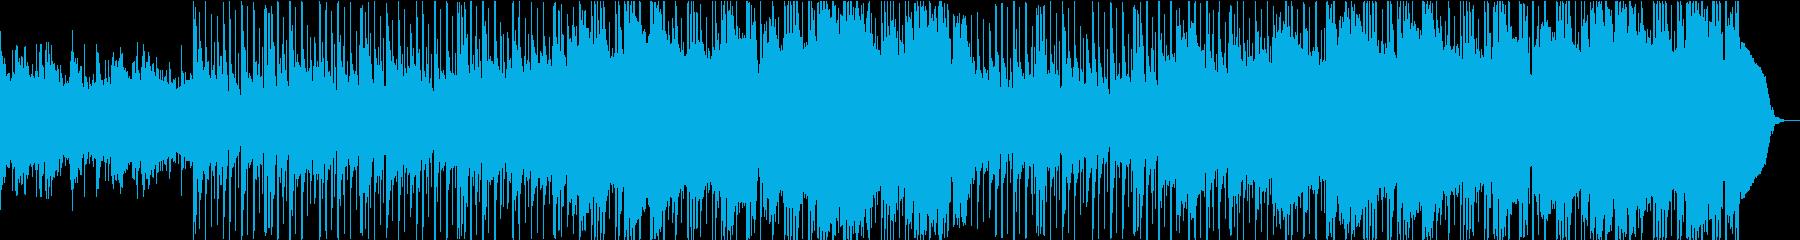 トラップ ヒップホップ 野生 シン...の再生済みの波形